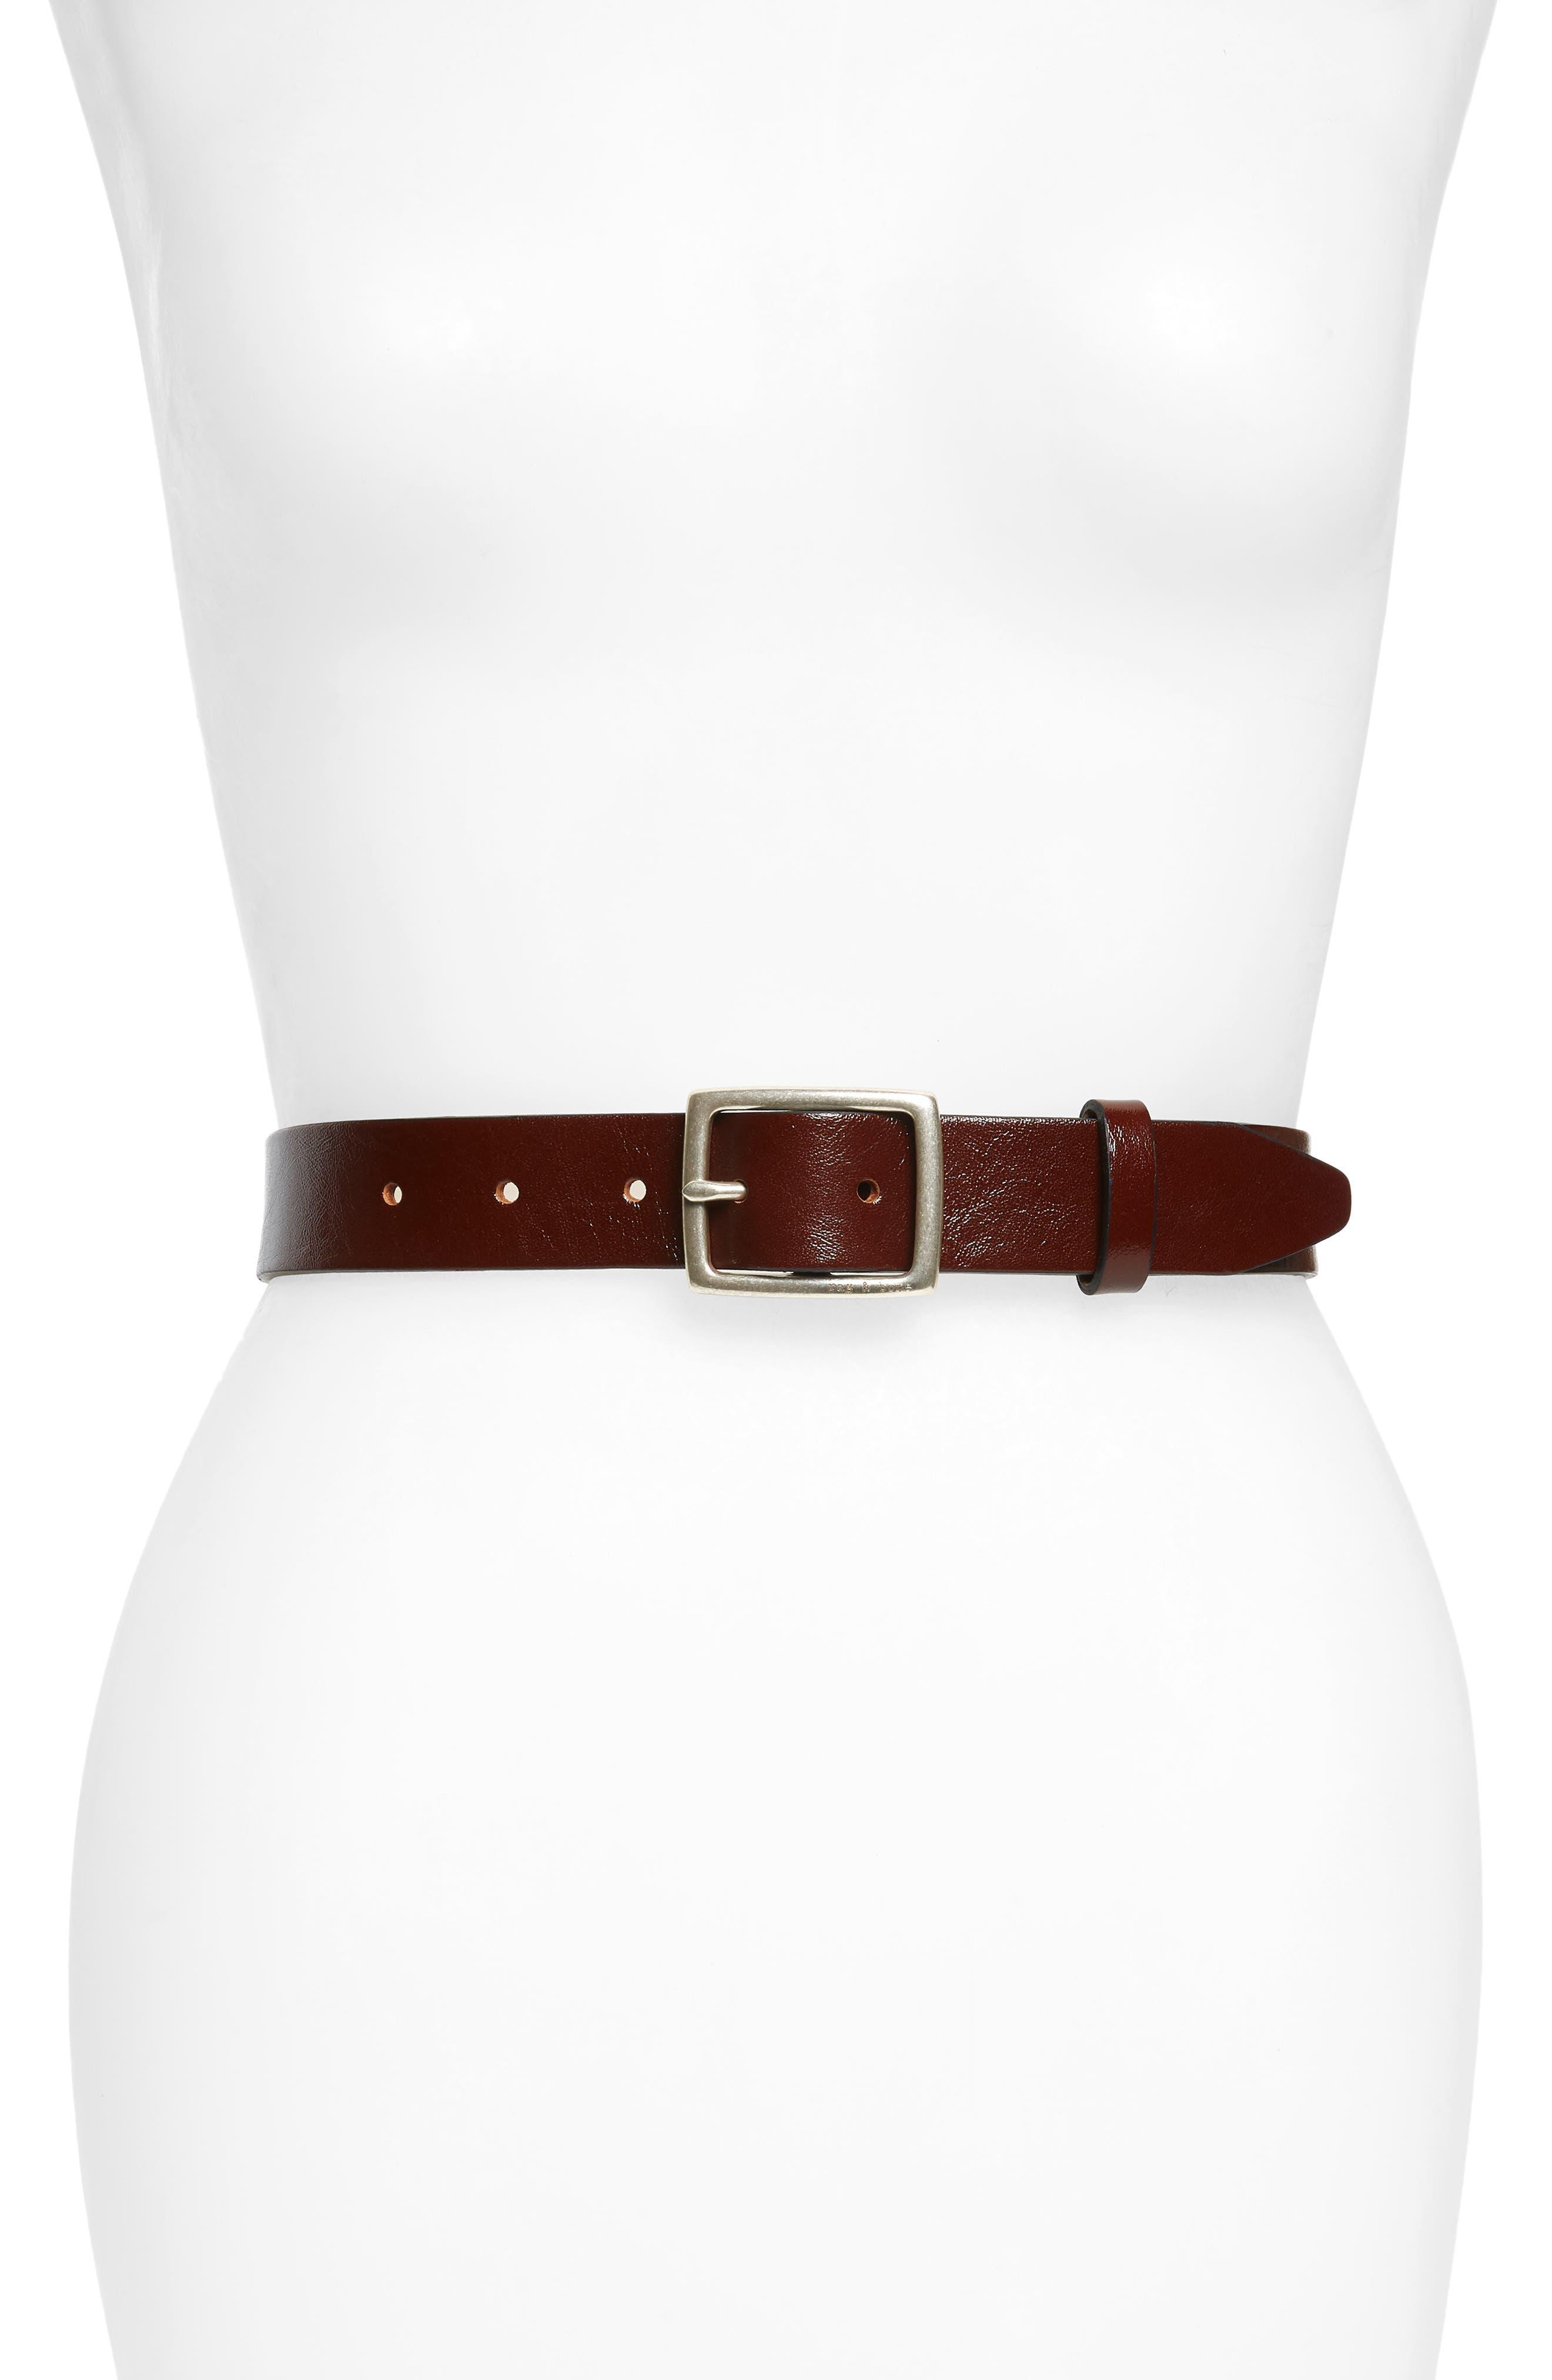 RAG & BONE 'Boyfriend' Leather Belt, Main, color, DARK BROWN